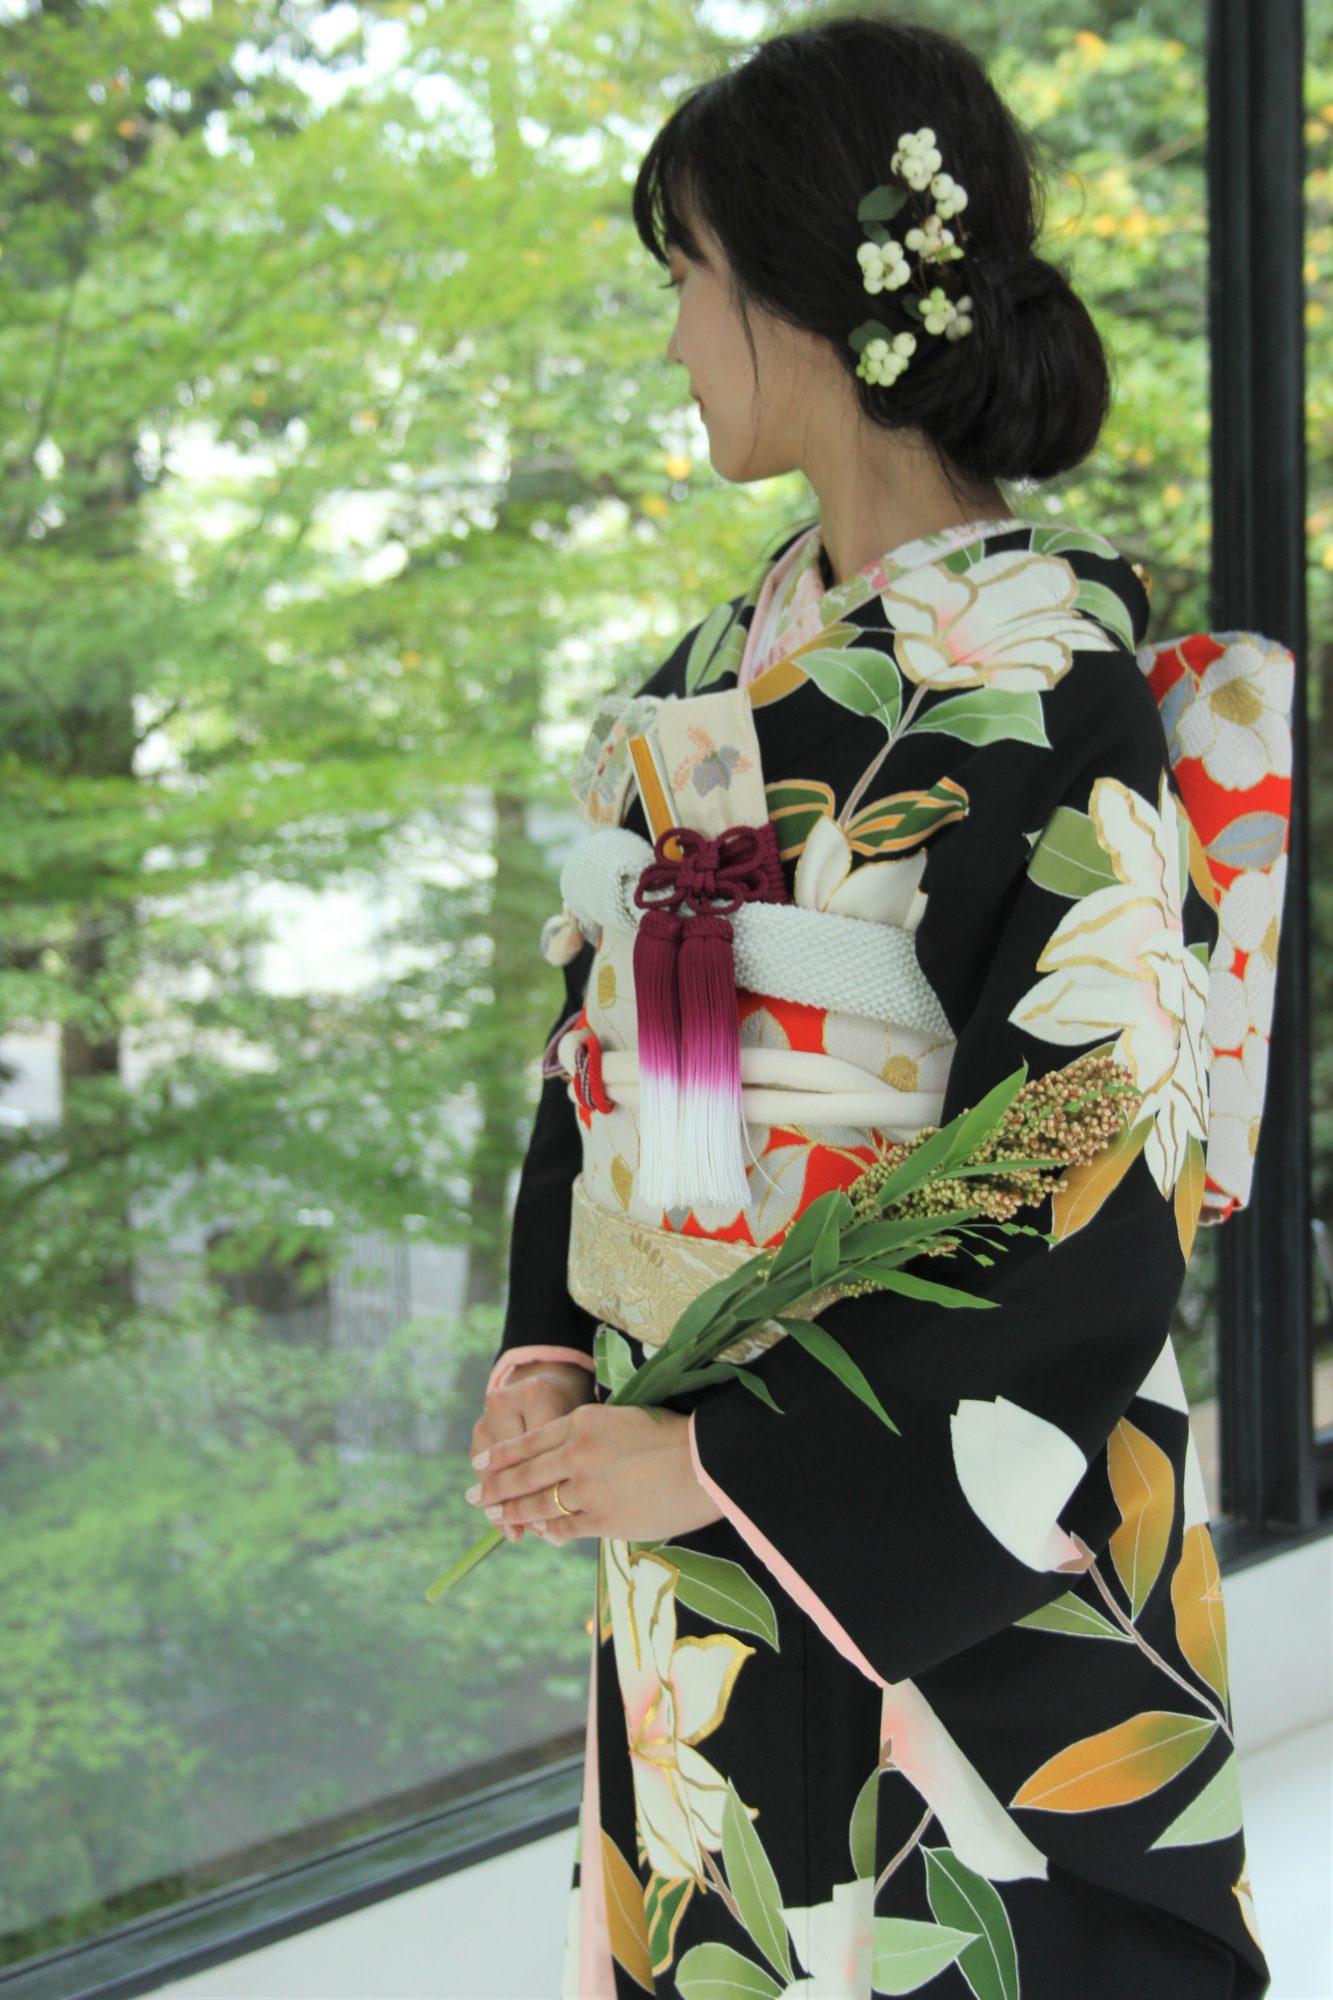 ザナンザンハウスに合う和装のコーディネートのご紹介